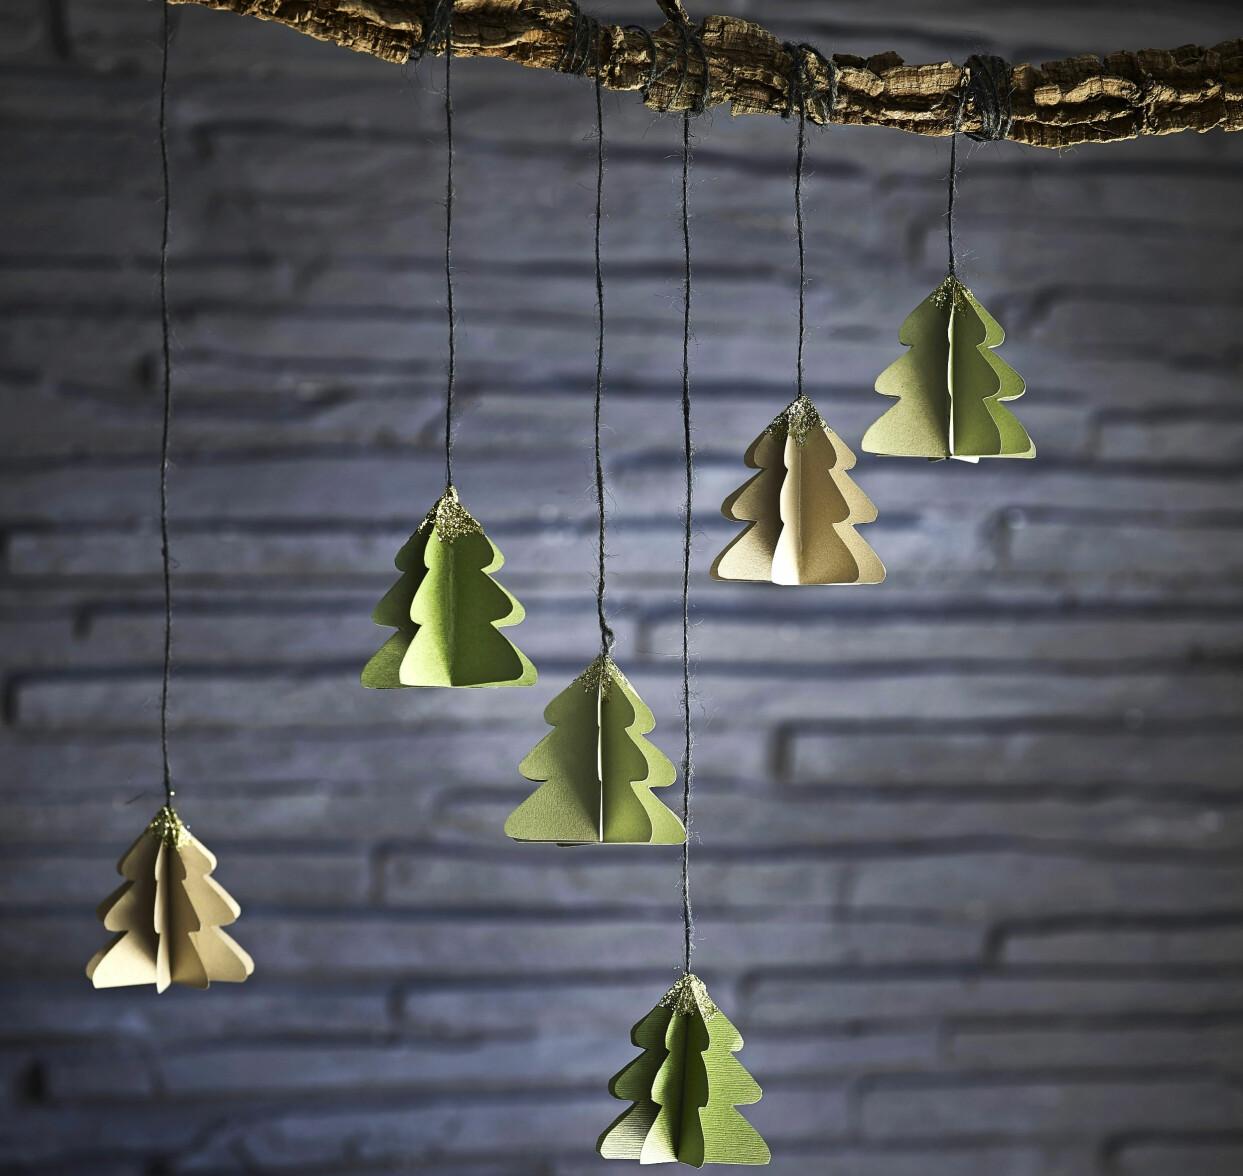 Hemgjorda pappersgranar med glitter upphängda i snören.